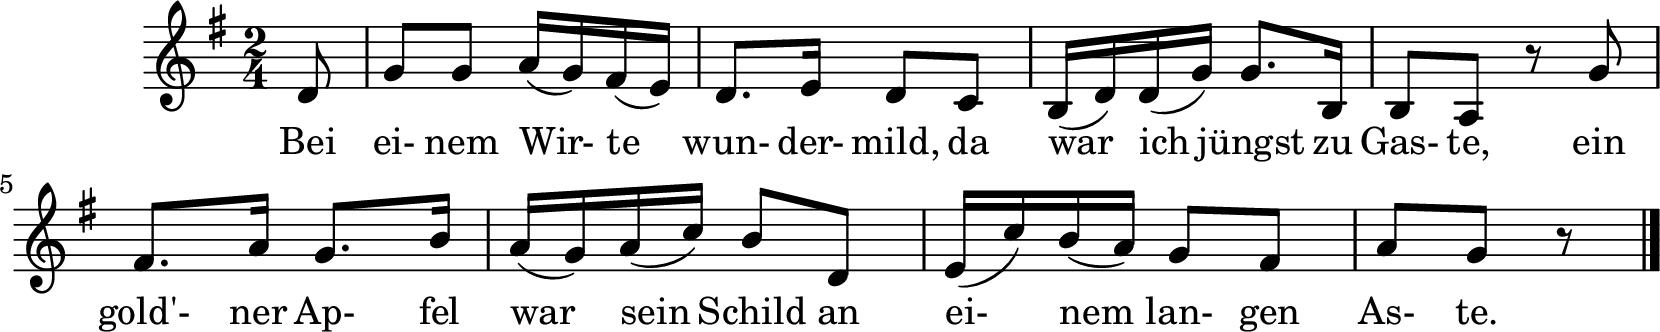 Notenblatt Music Sheet Einkehr